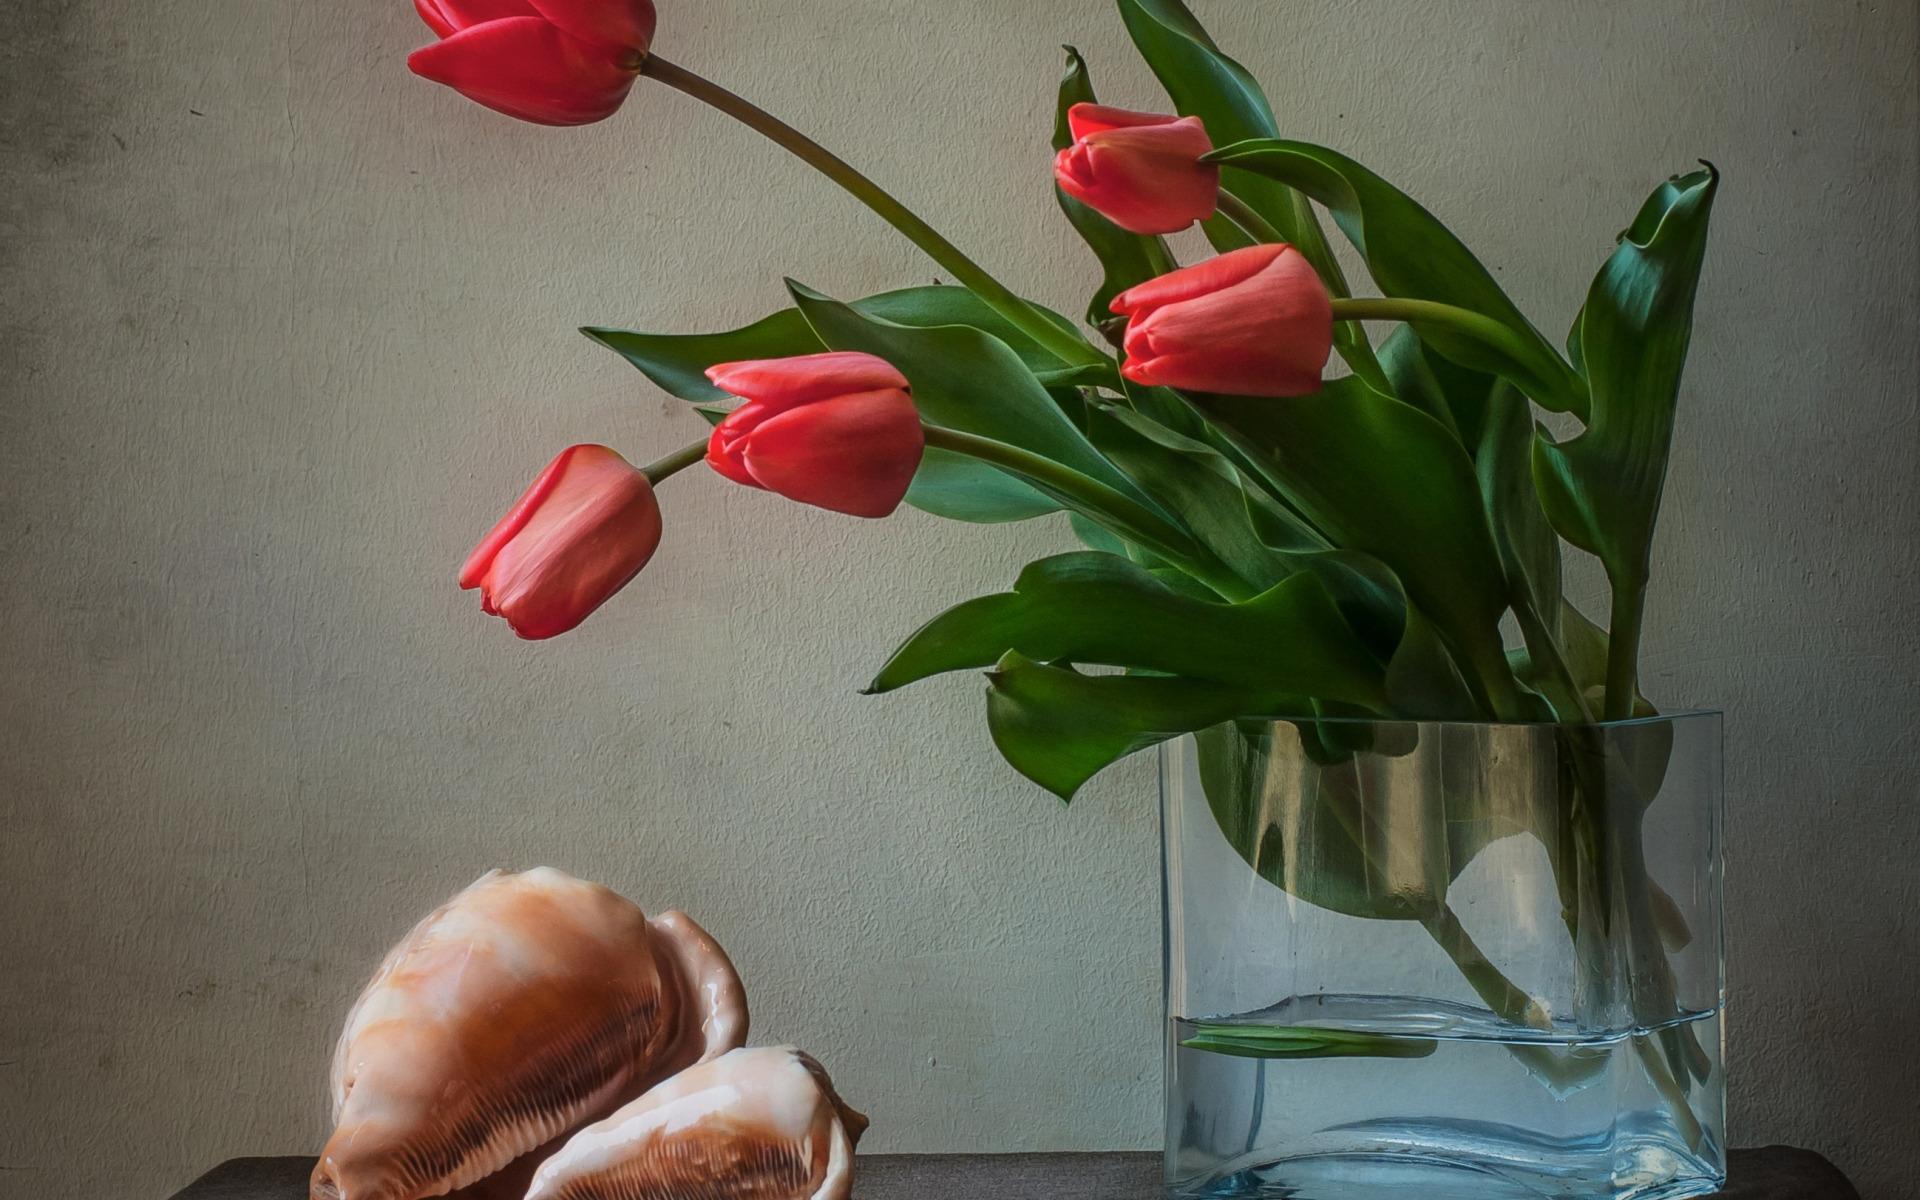 Фото для, картинки красивые тюльпаны в вазе